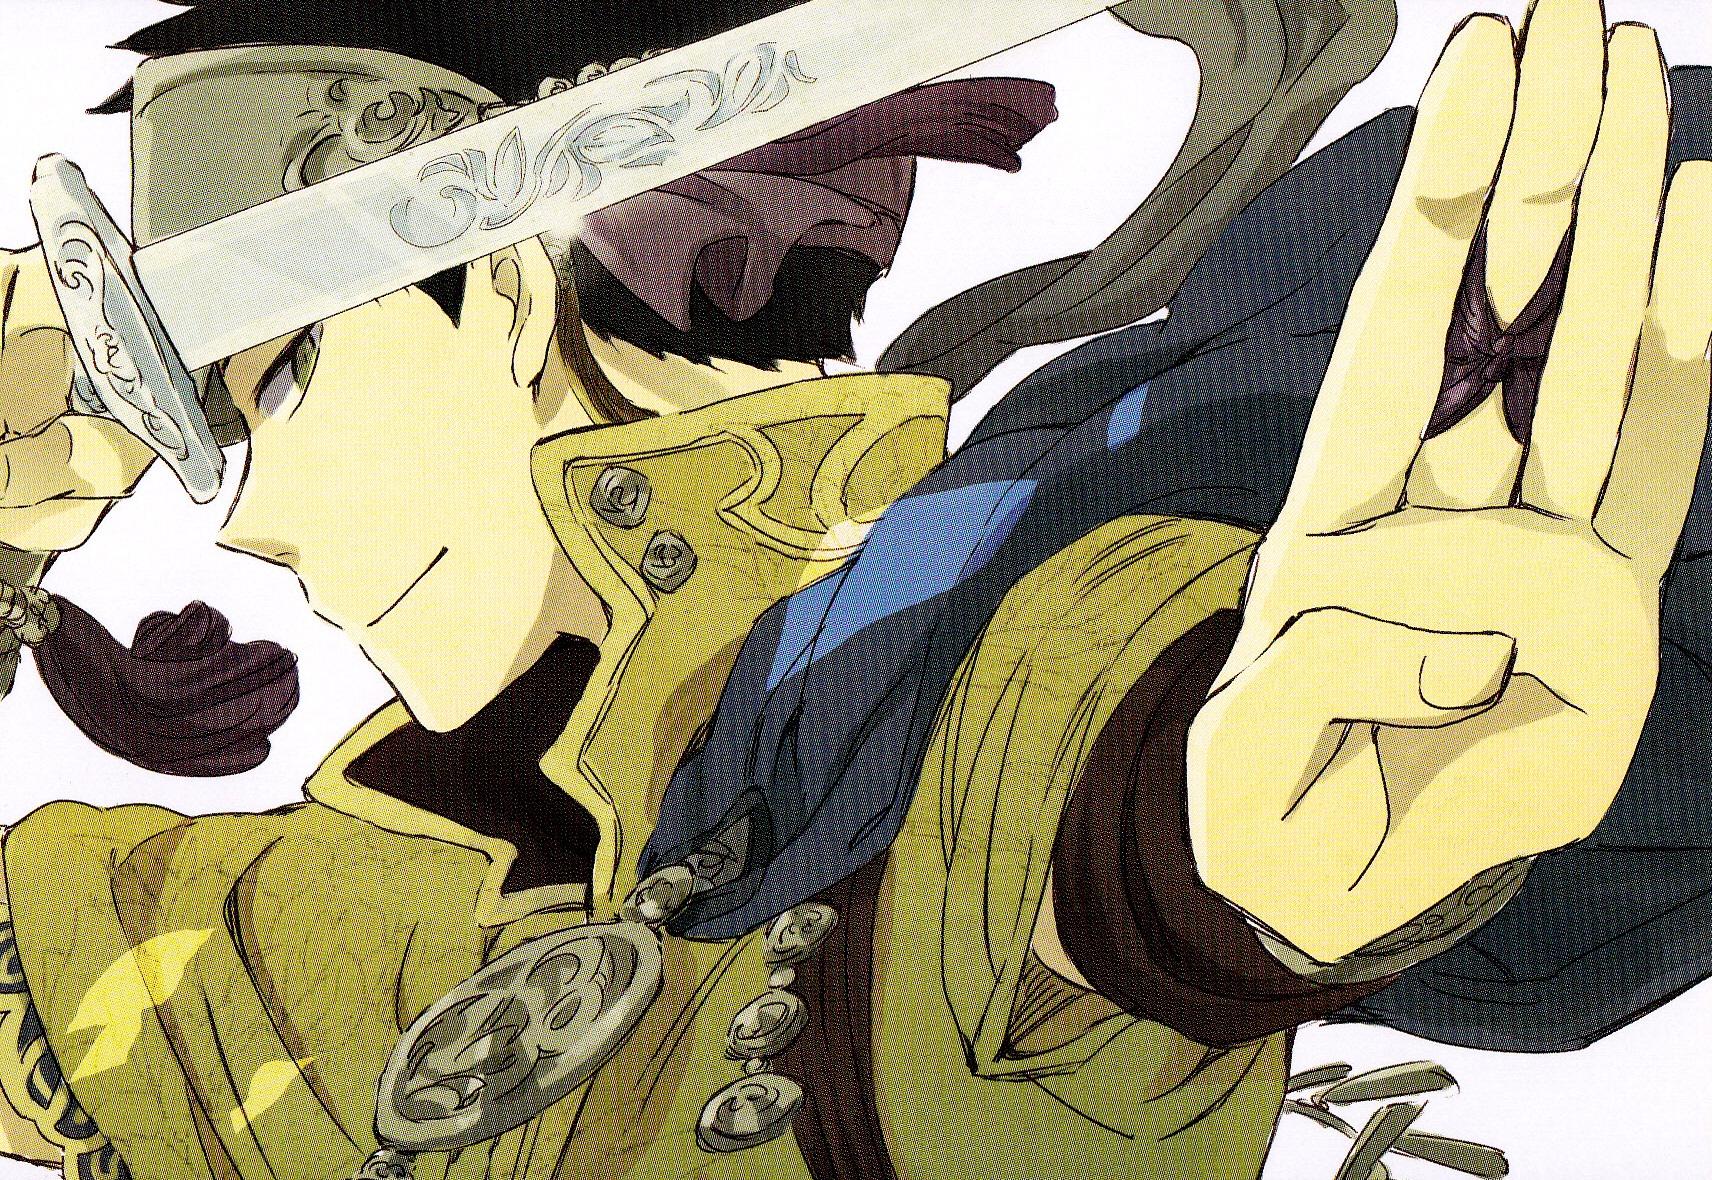 Extensão - Ficha de Ninjalx Obi.%28Akagami.no.Shirayukihime%29.full.1383668